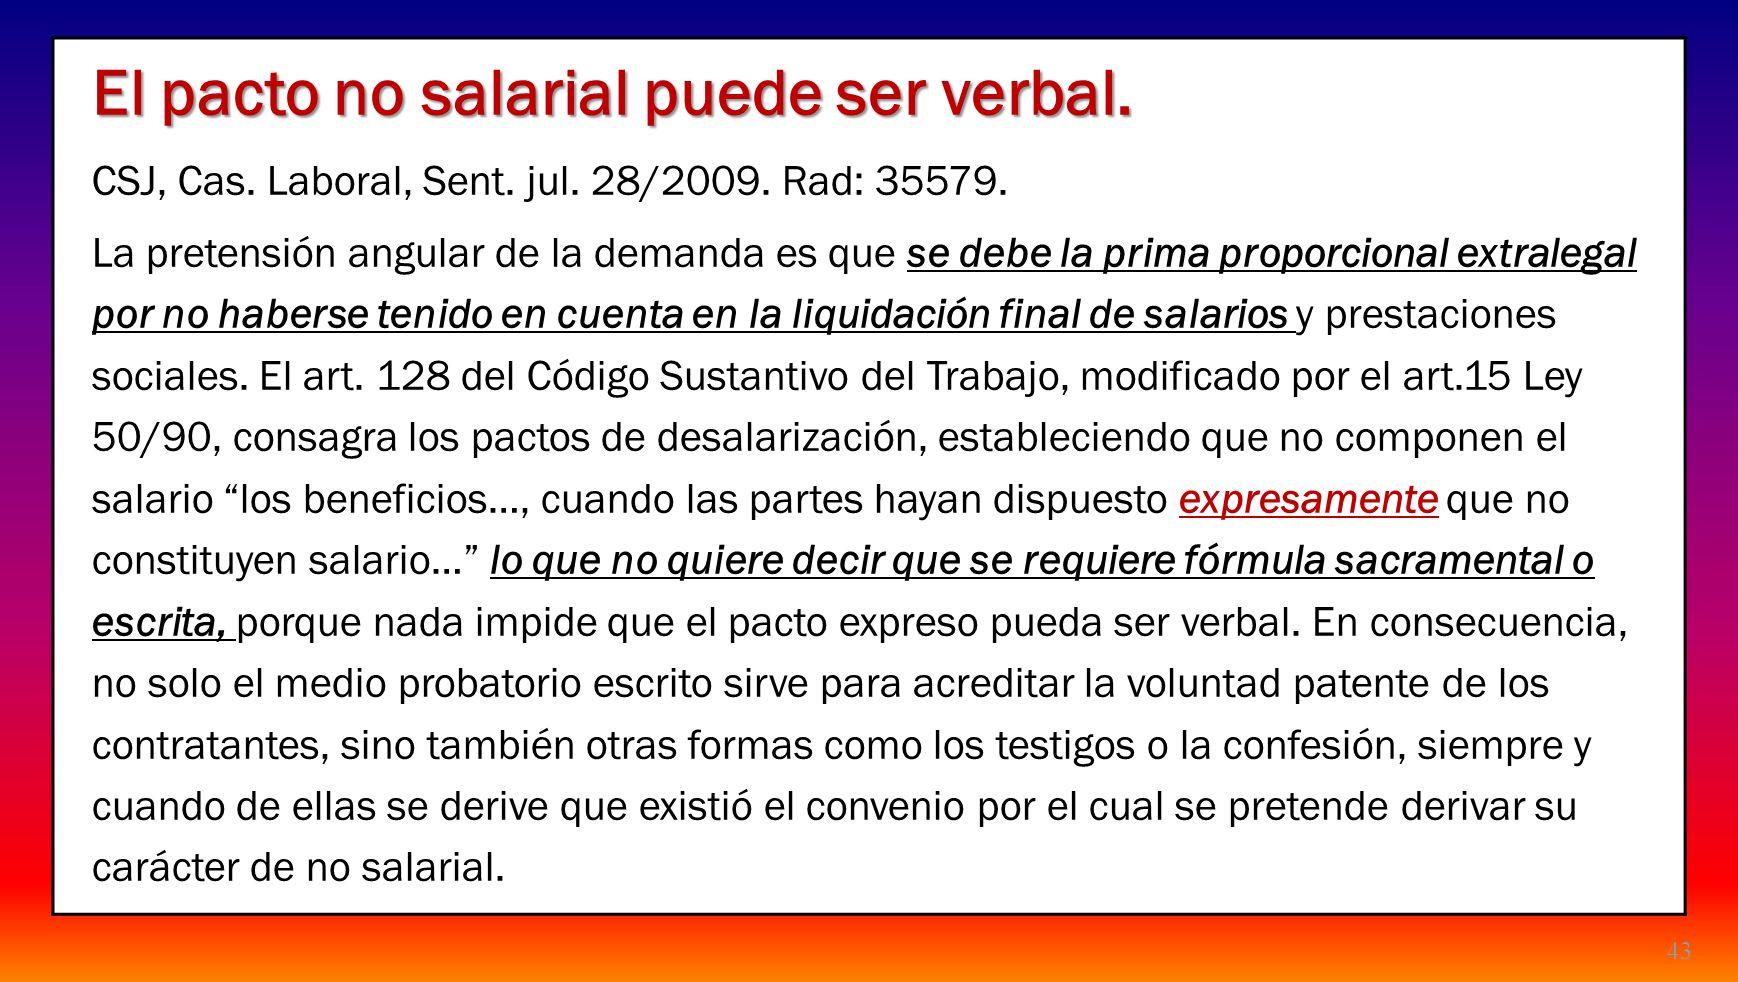 43 El pacto no salarial puede ser verbal. CSJ, Cas. Laboral, Sent. jul. 28/2009. Rad: 35579. La pretensión angular de la demanda es que se debe la pri